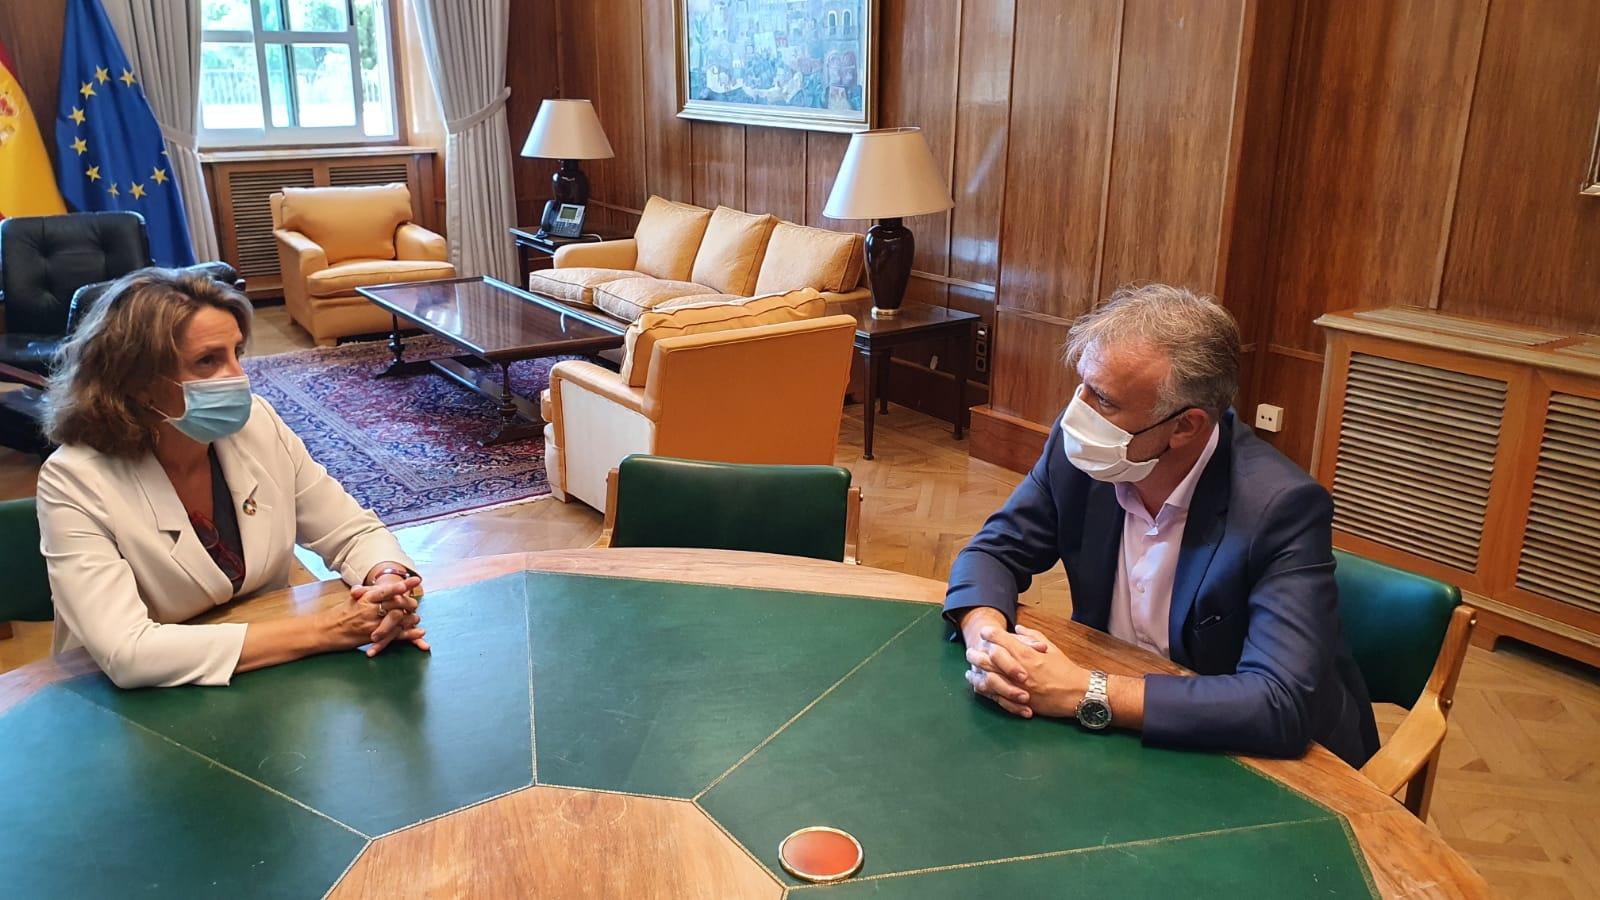 Reunión de Ángel Víctor Torres y Teresa Ribera